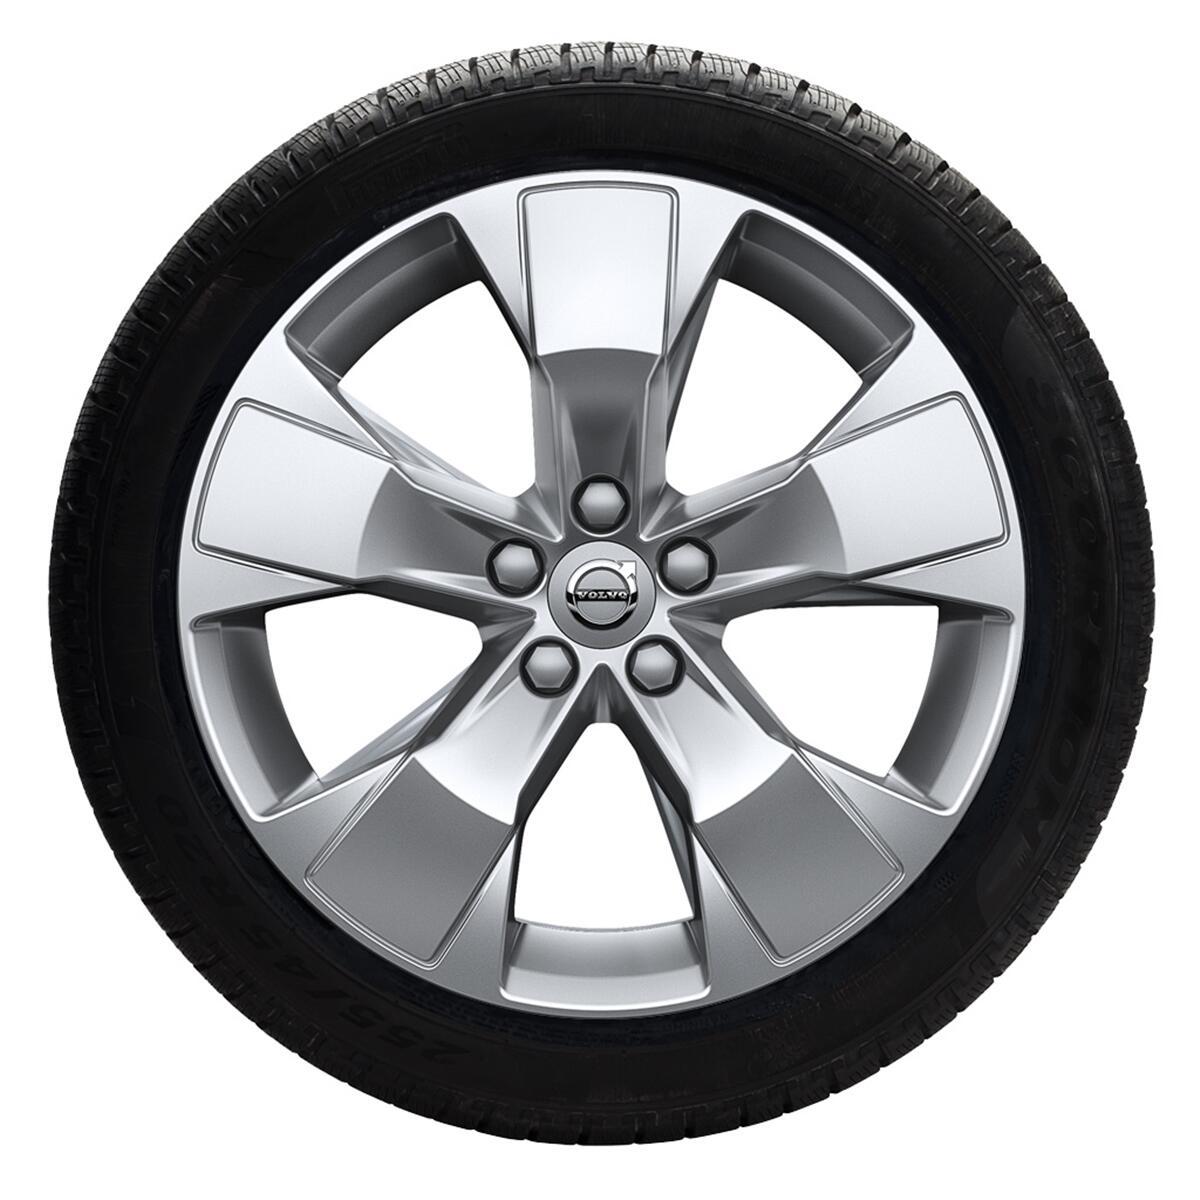 """Komplet zimskih točkova: 235/55 R18; 18"""", naplaci sa 5 krakova, srebrni; pneumatici Pirelli, Scorpio"""